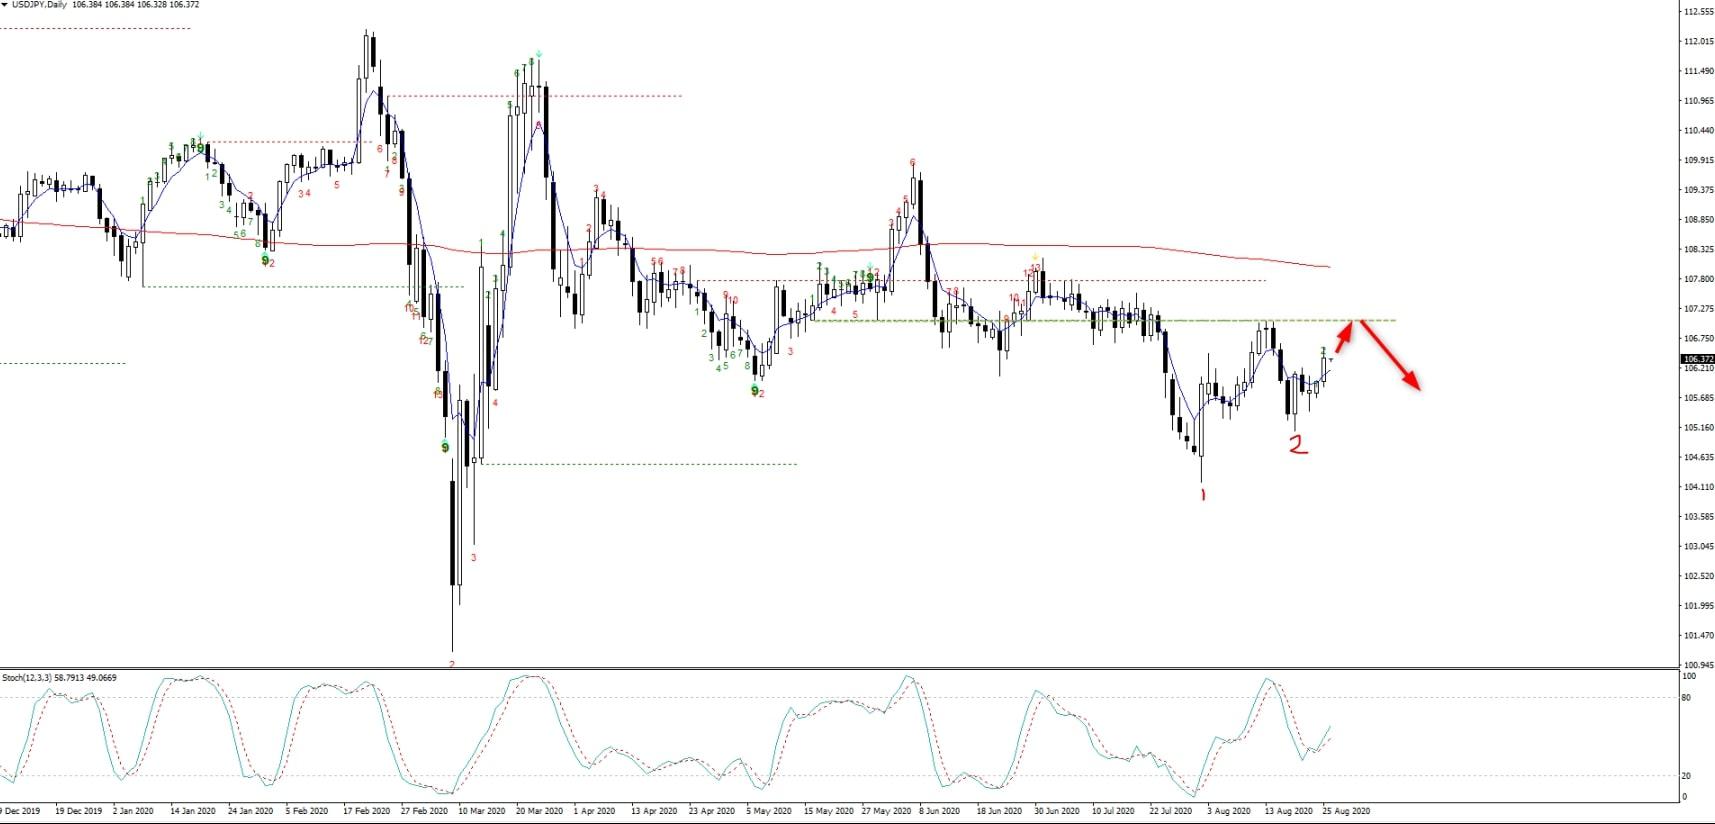 USD/JPY 2020/08/26